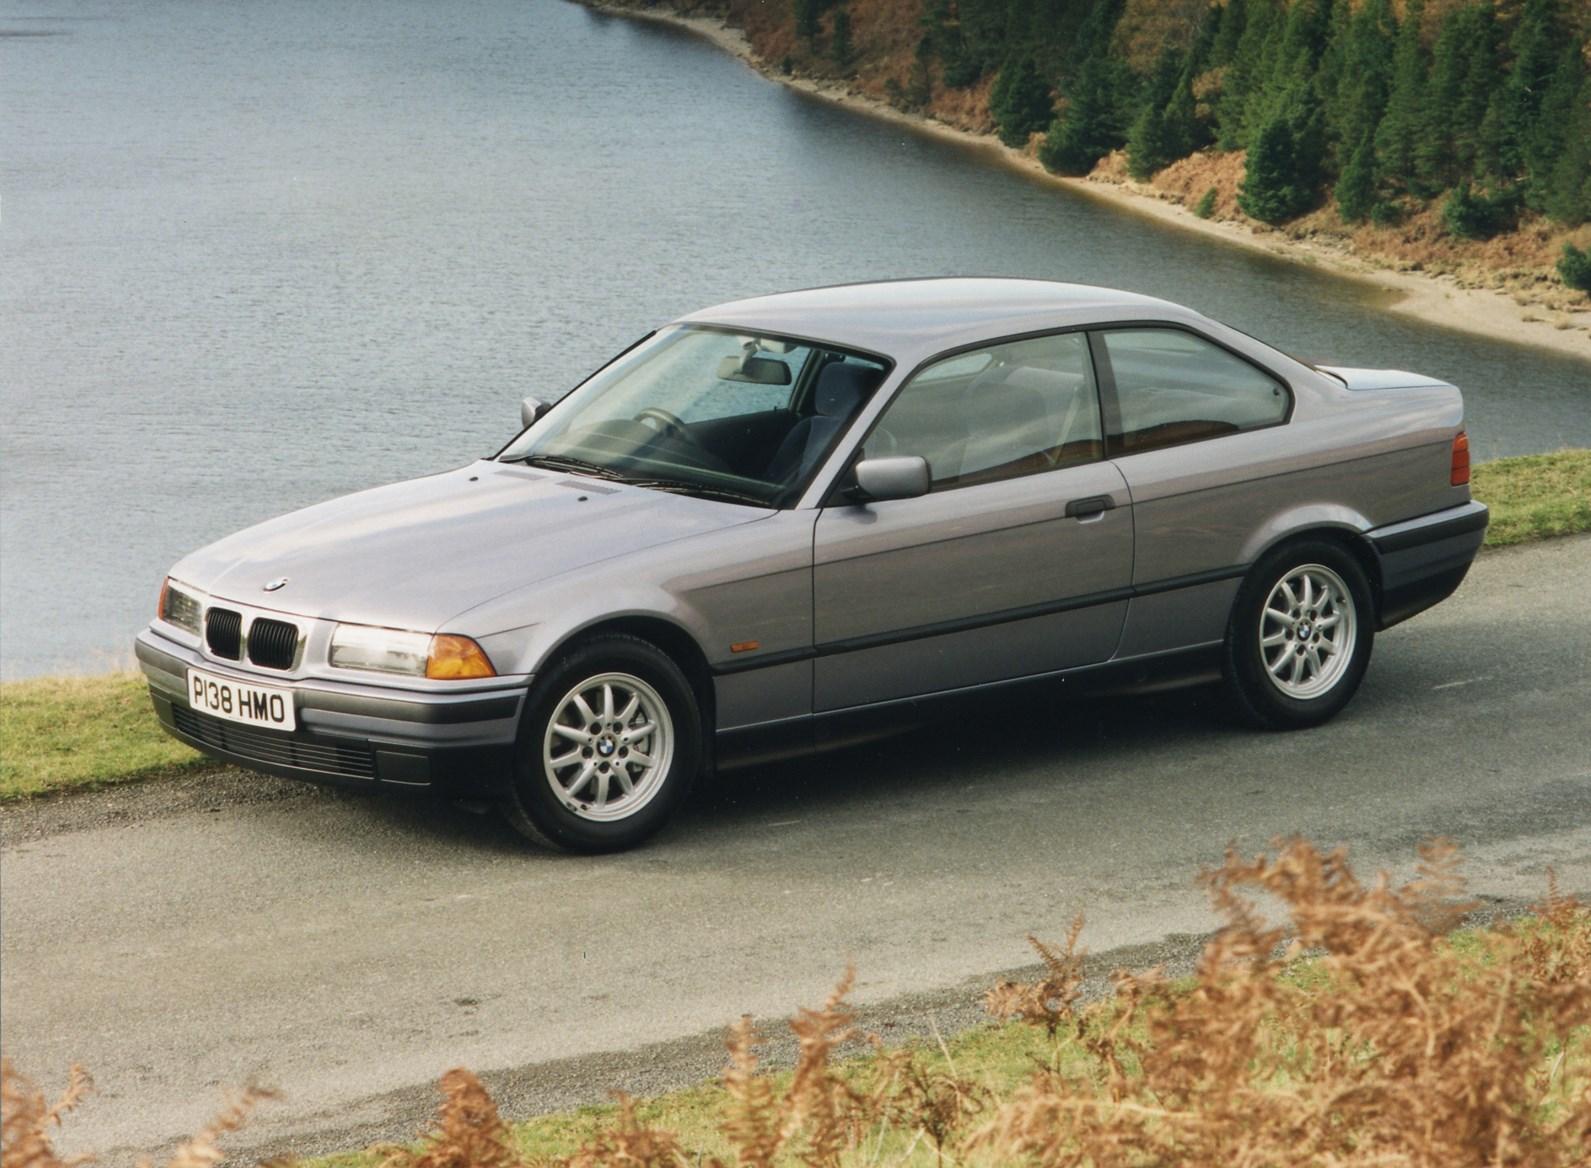 BMW 3-Series Coupé (1992 - 1999) Photos   Parkers